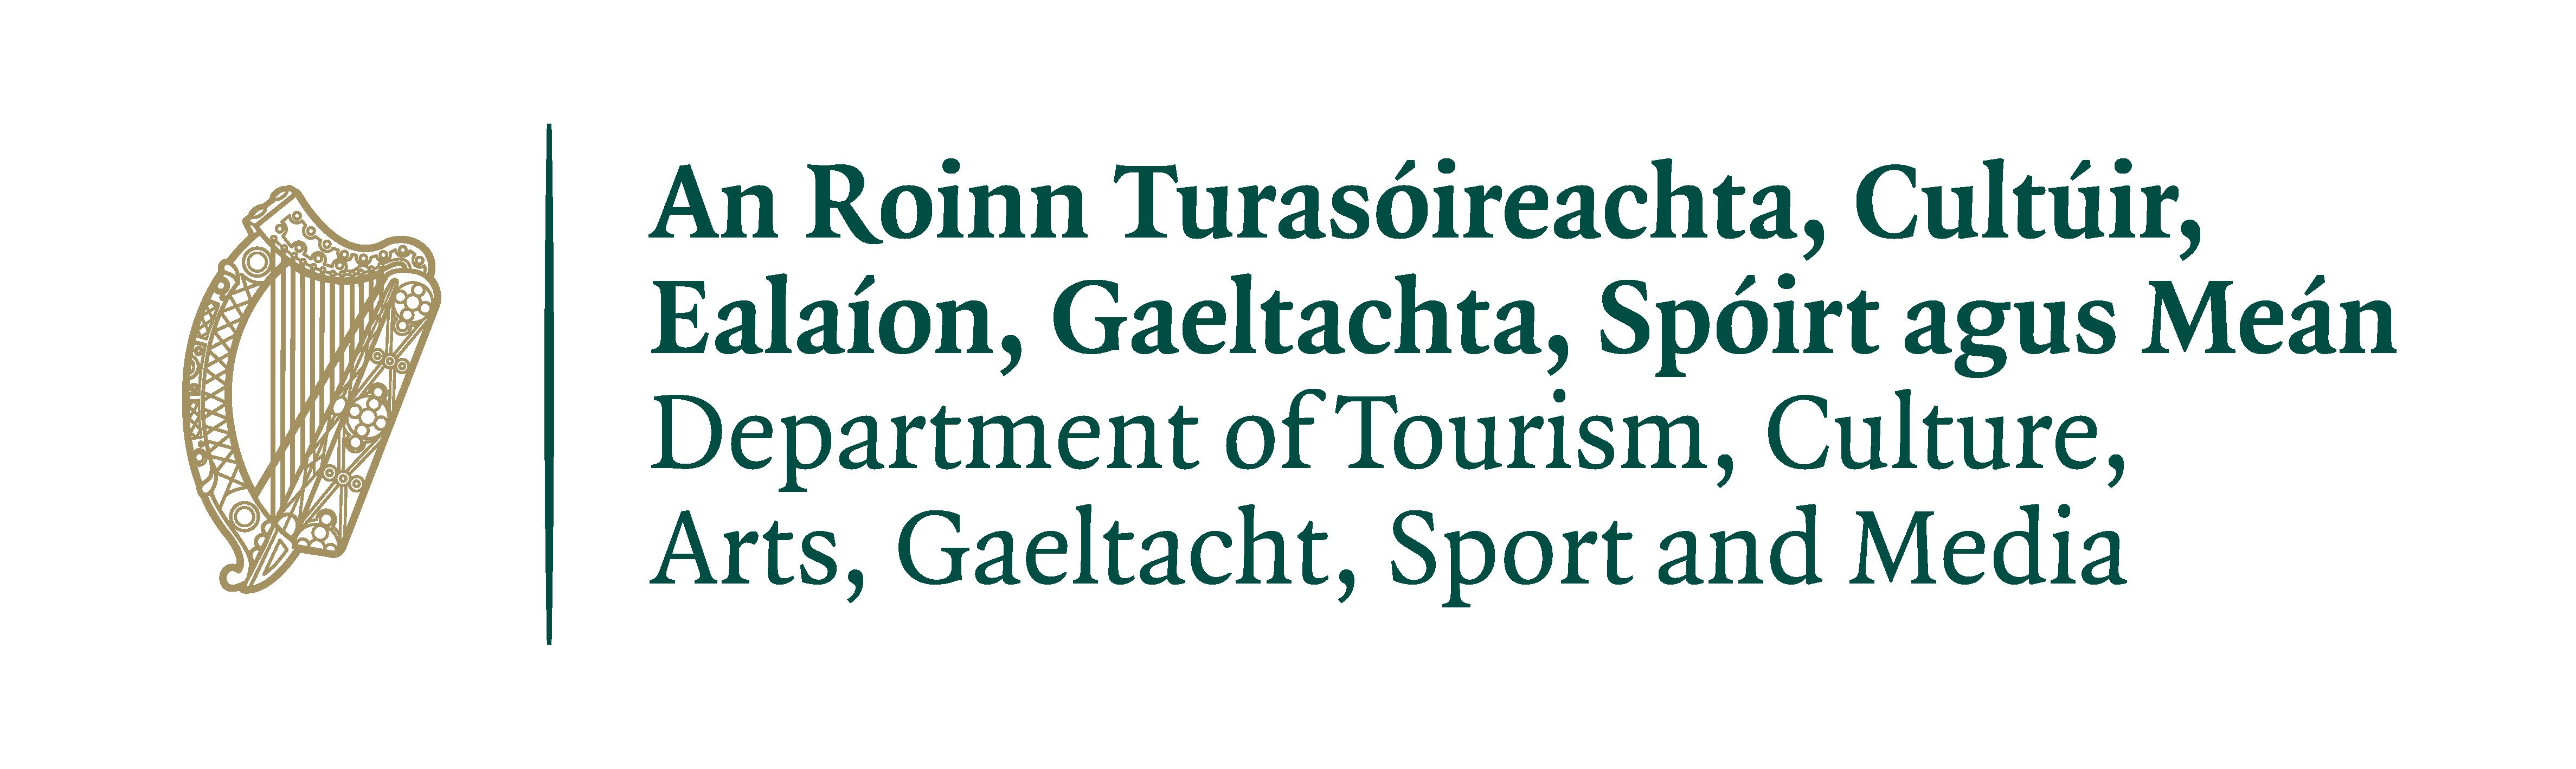 Liosta: An Roinn Turasóireachta, Cultúir, Ealaíon, Gaeltachta, Spóirt agus Meán